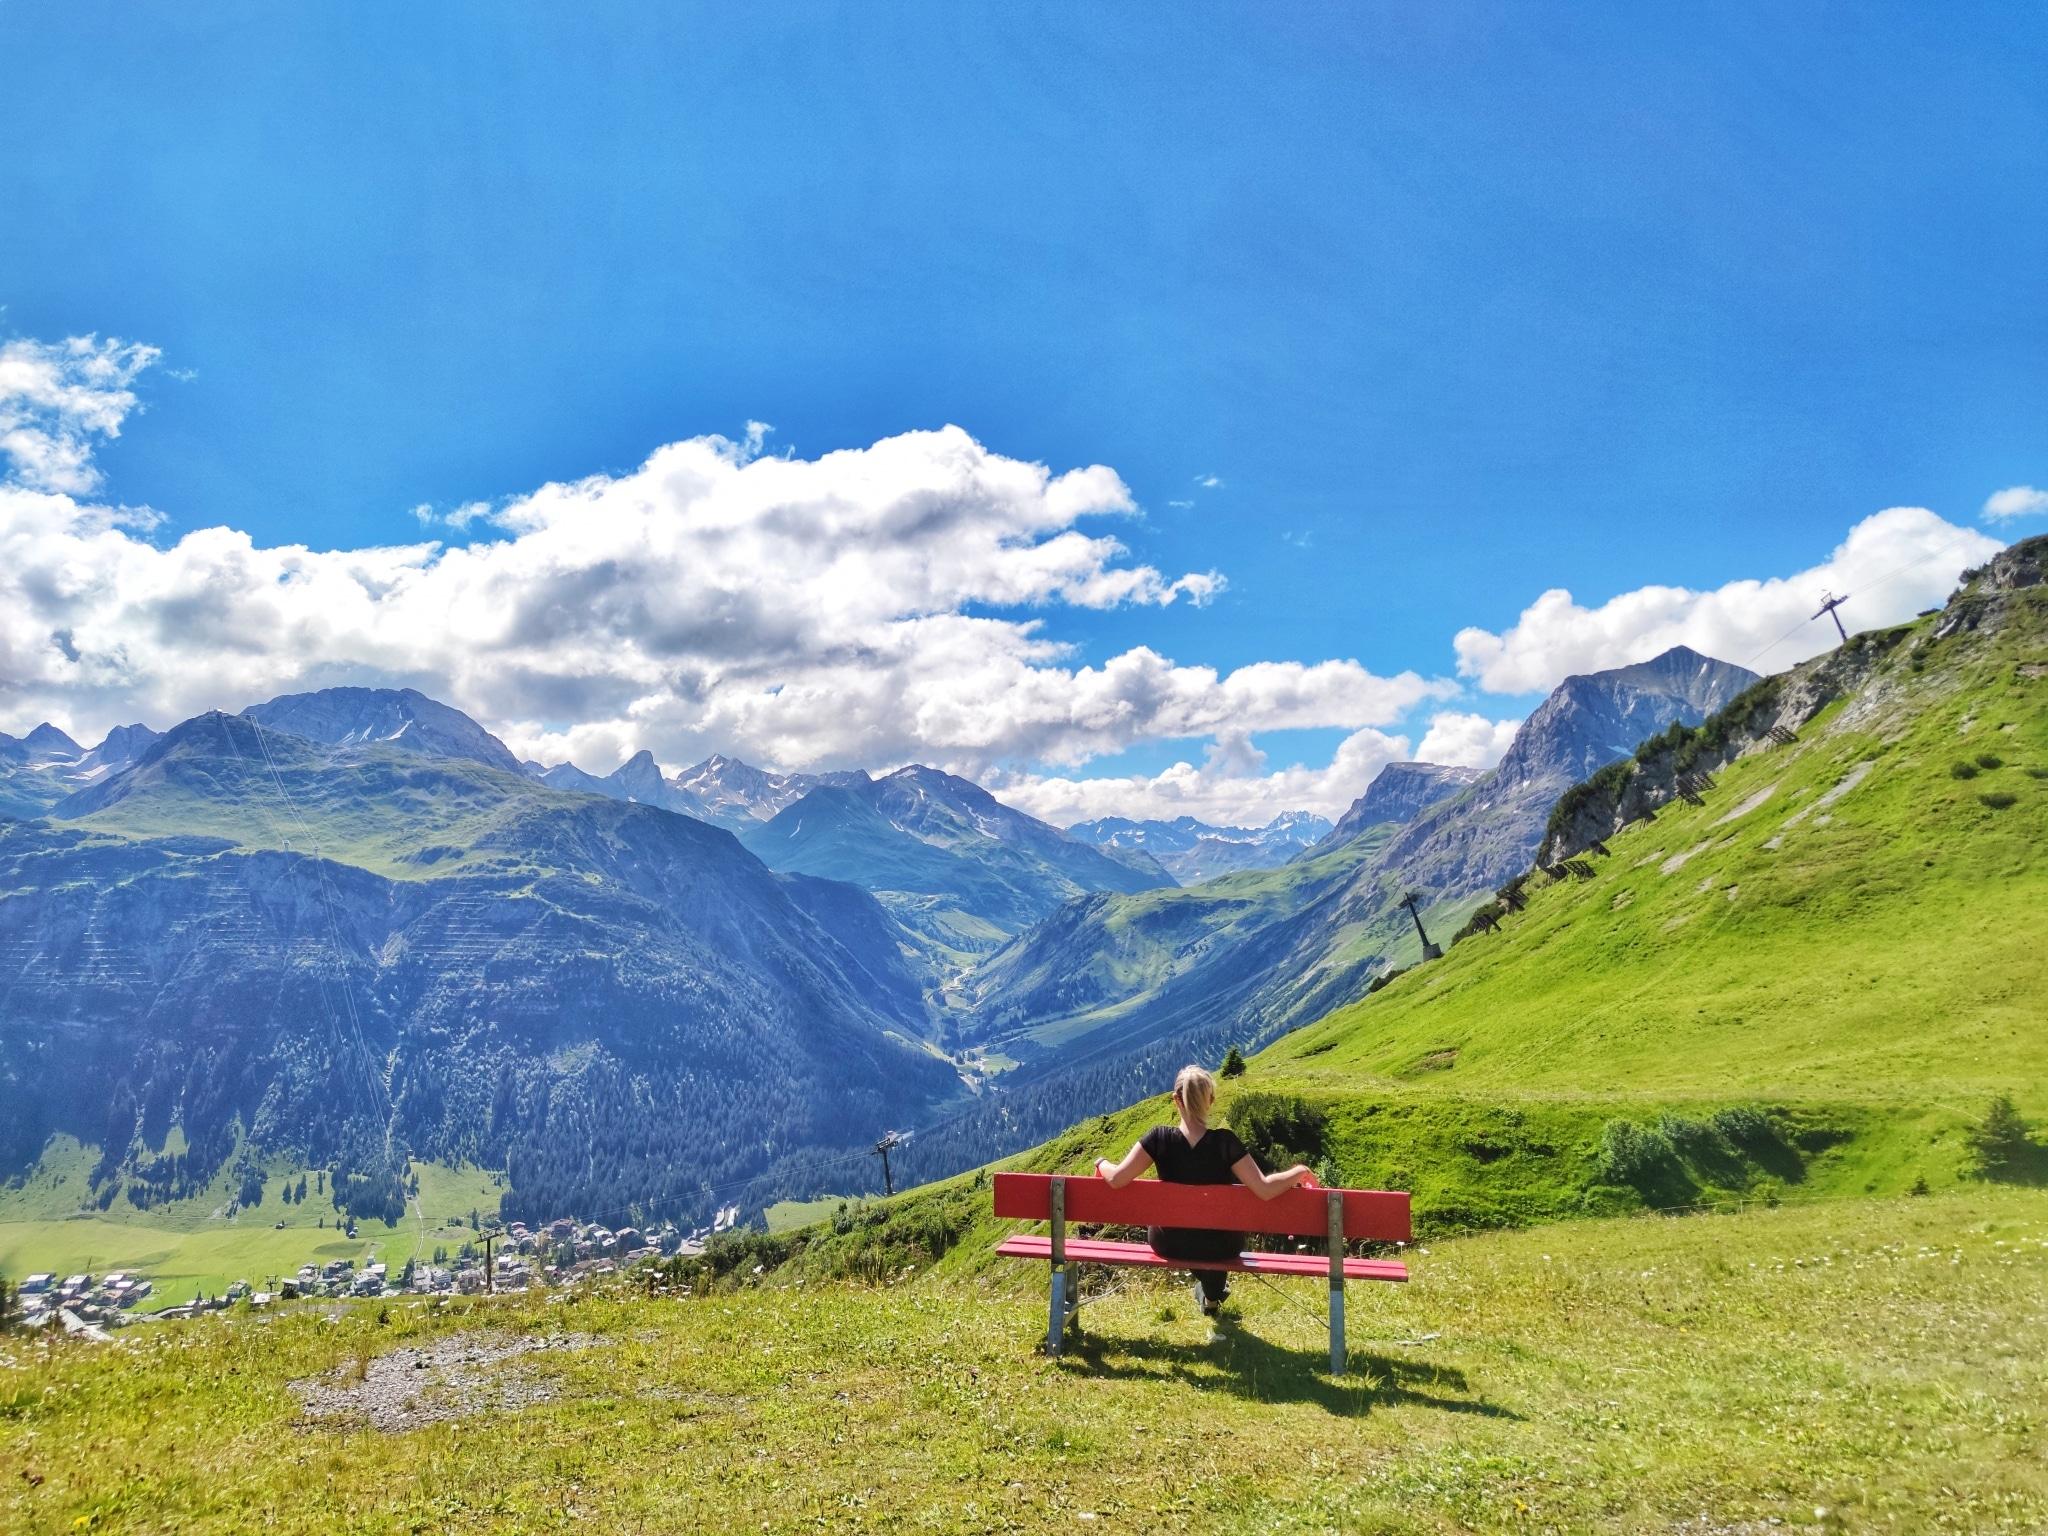 Wandern am Arlberg können Tagungsgäste als Rahmenprogramm rund um das Kongresszentrum Sonnenburg Hotel in Oberlech